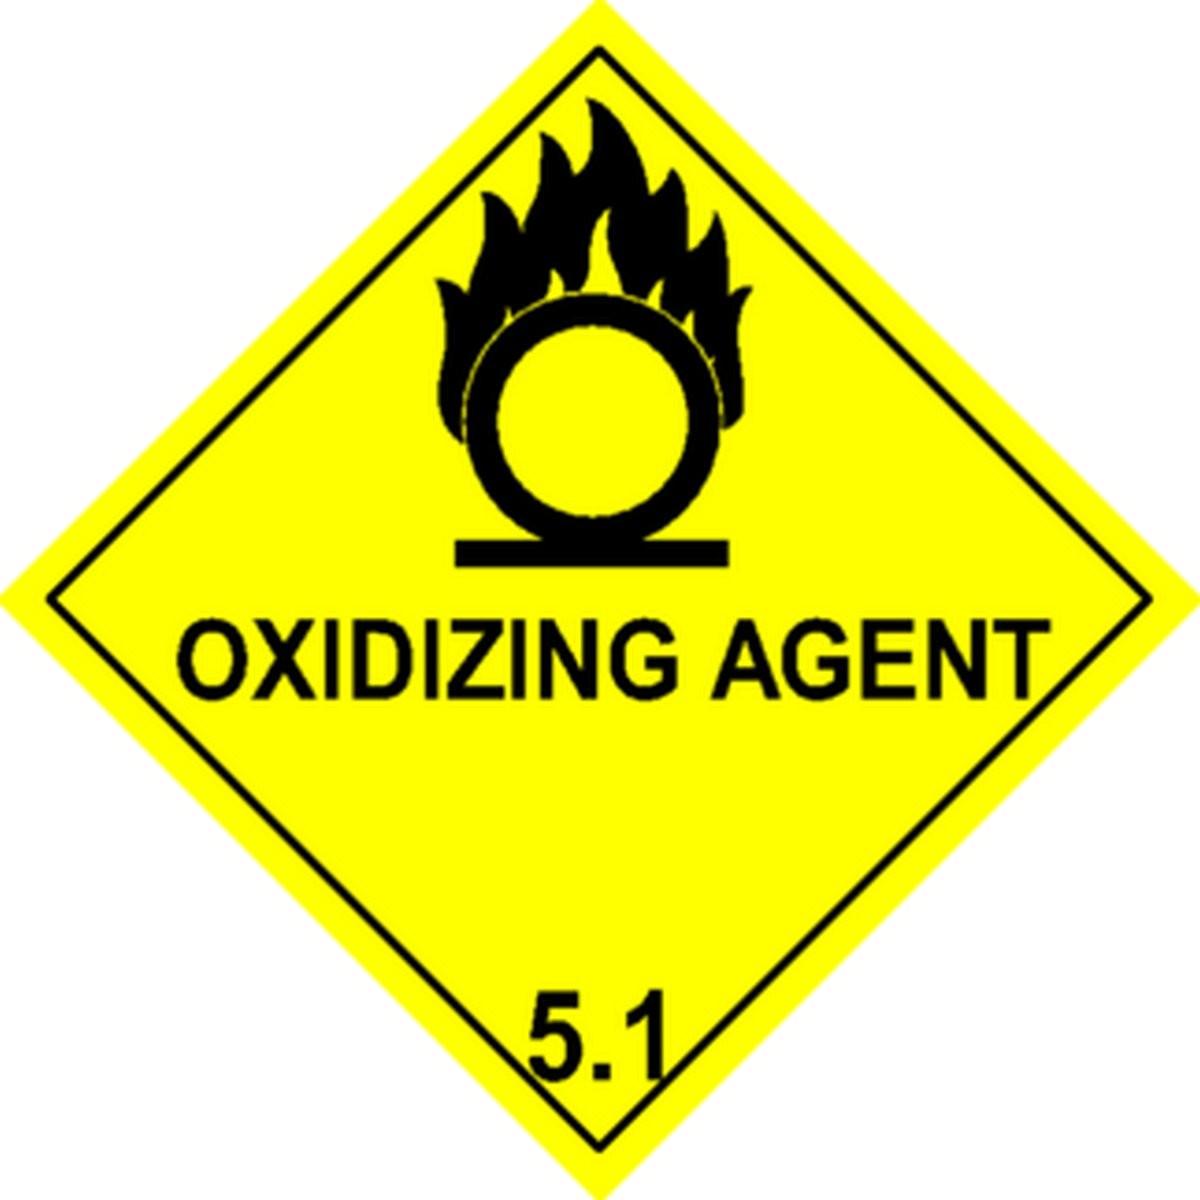 Etiquette Oxidizing Agent Classe 5.1en anglais